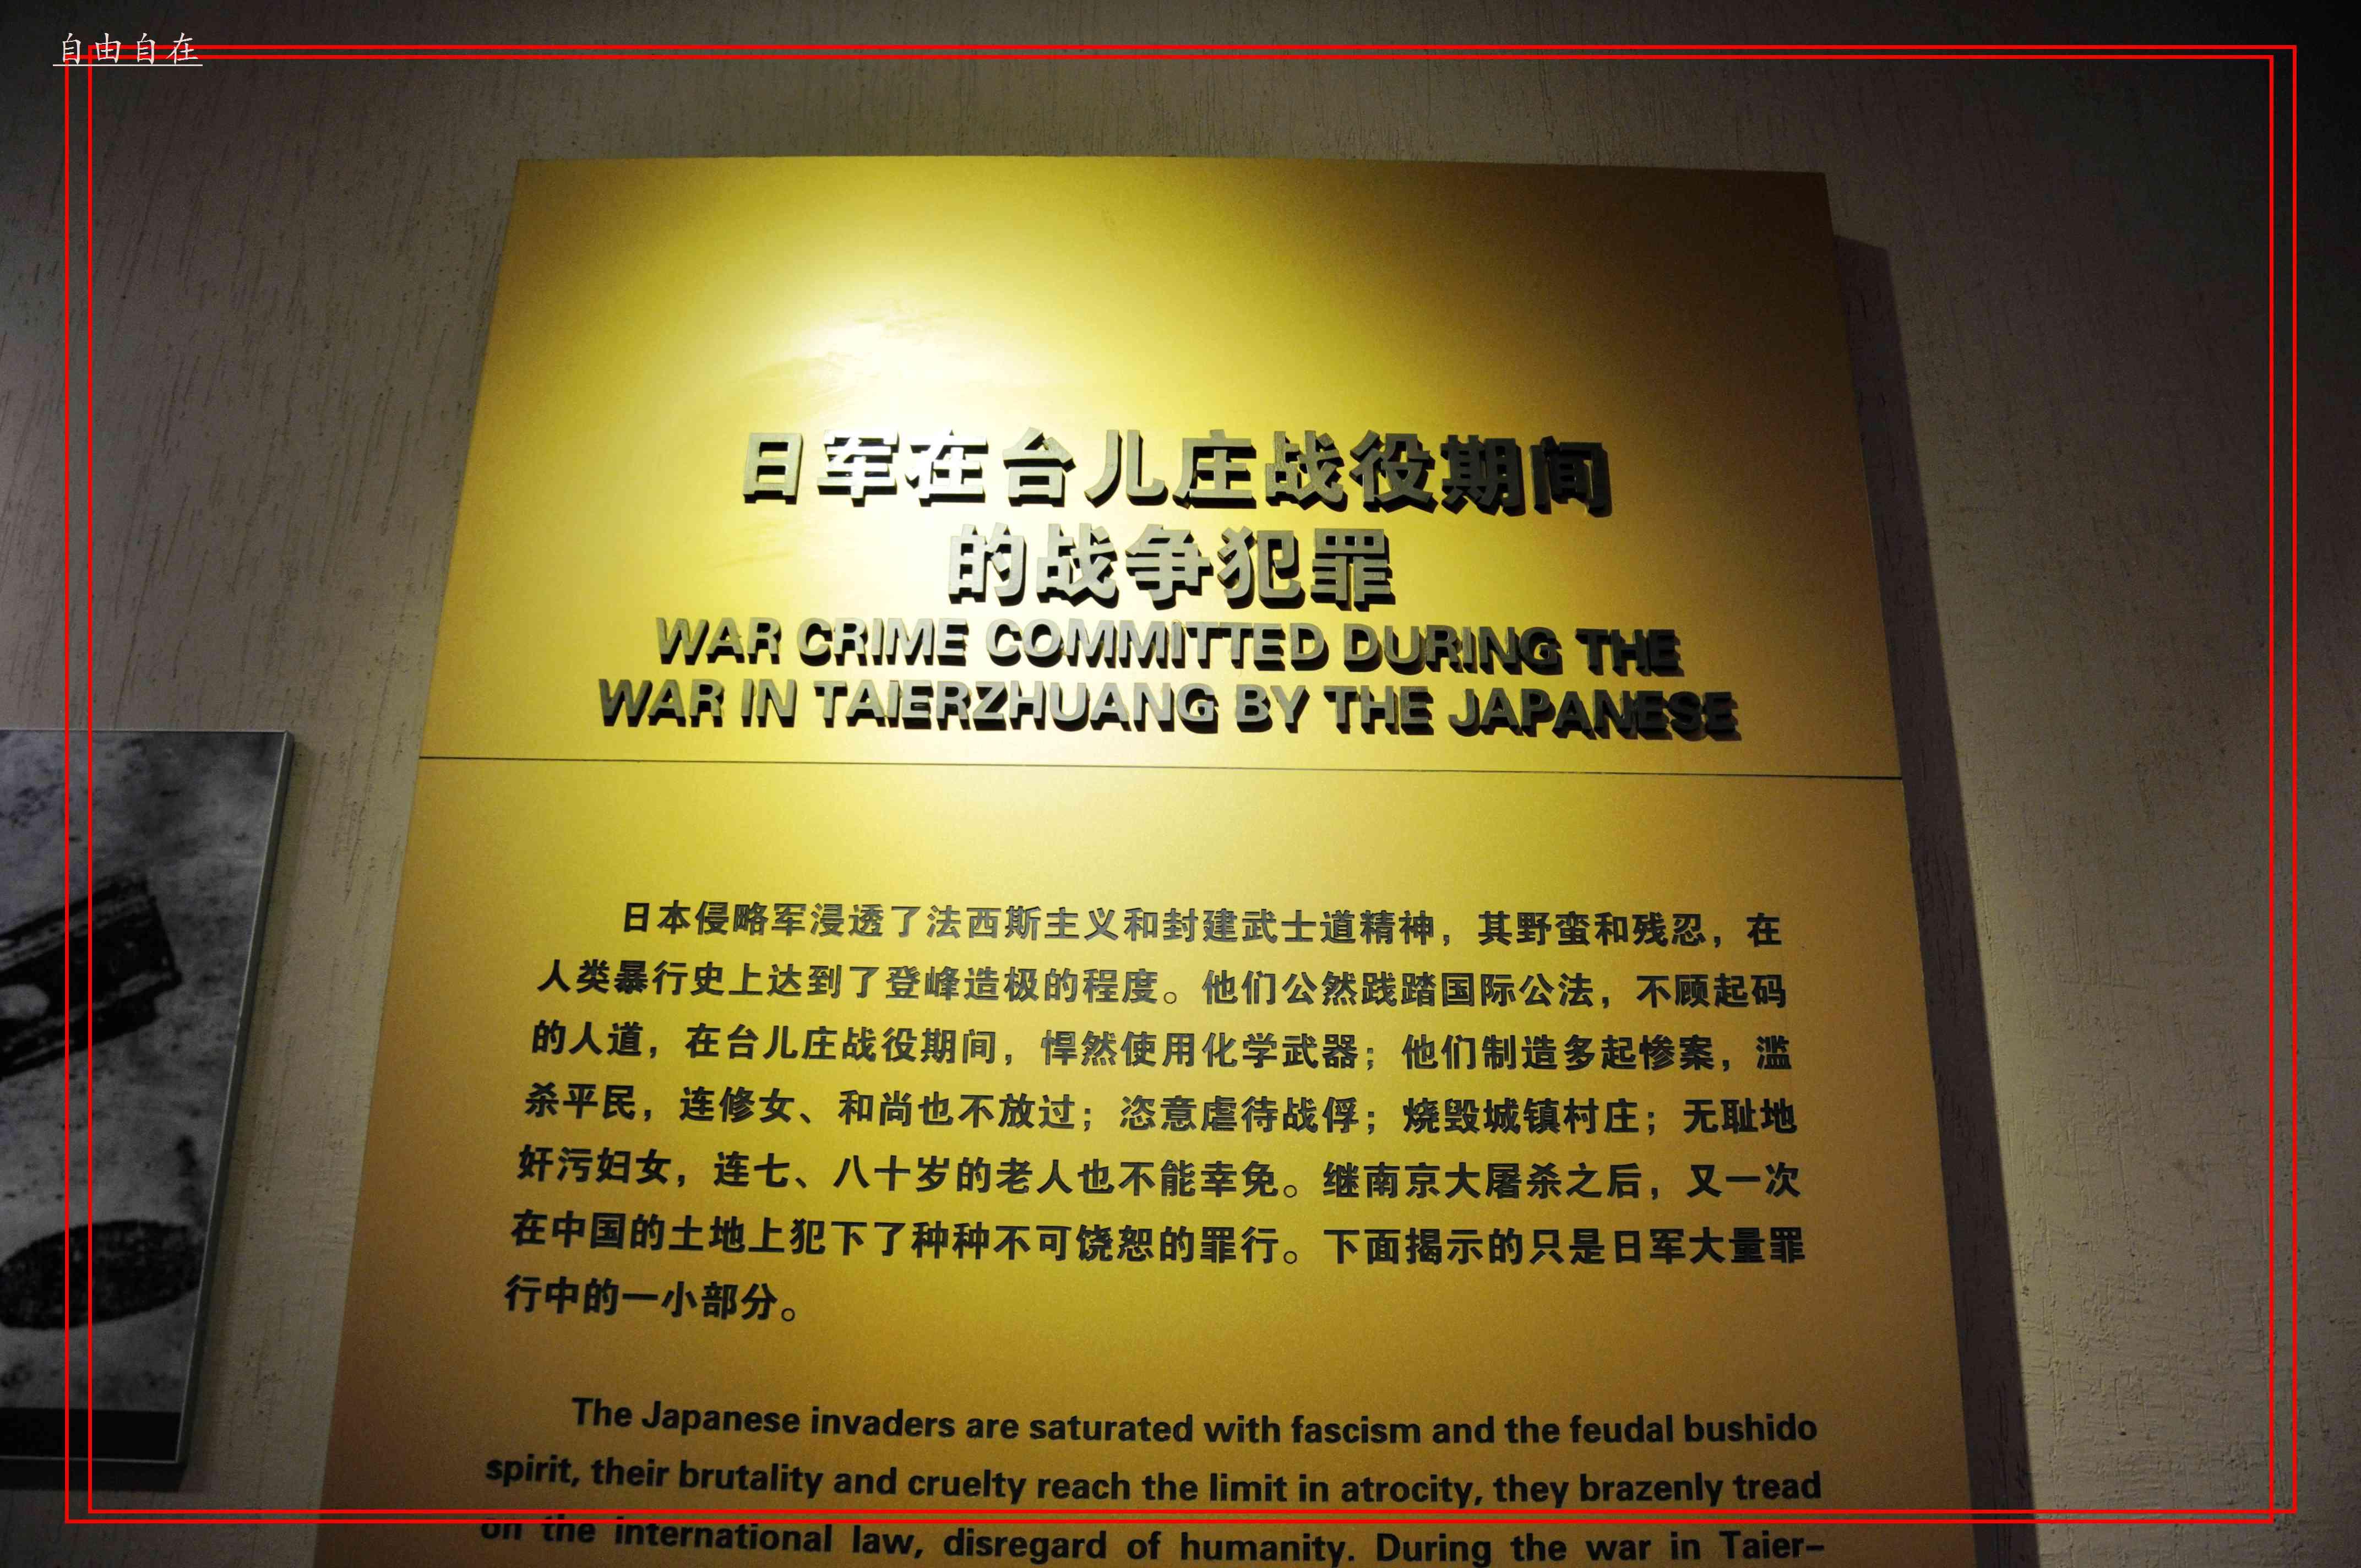 重温抗战历史弘扬战斗精神黑板报_学习啦在线学习网